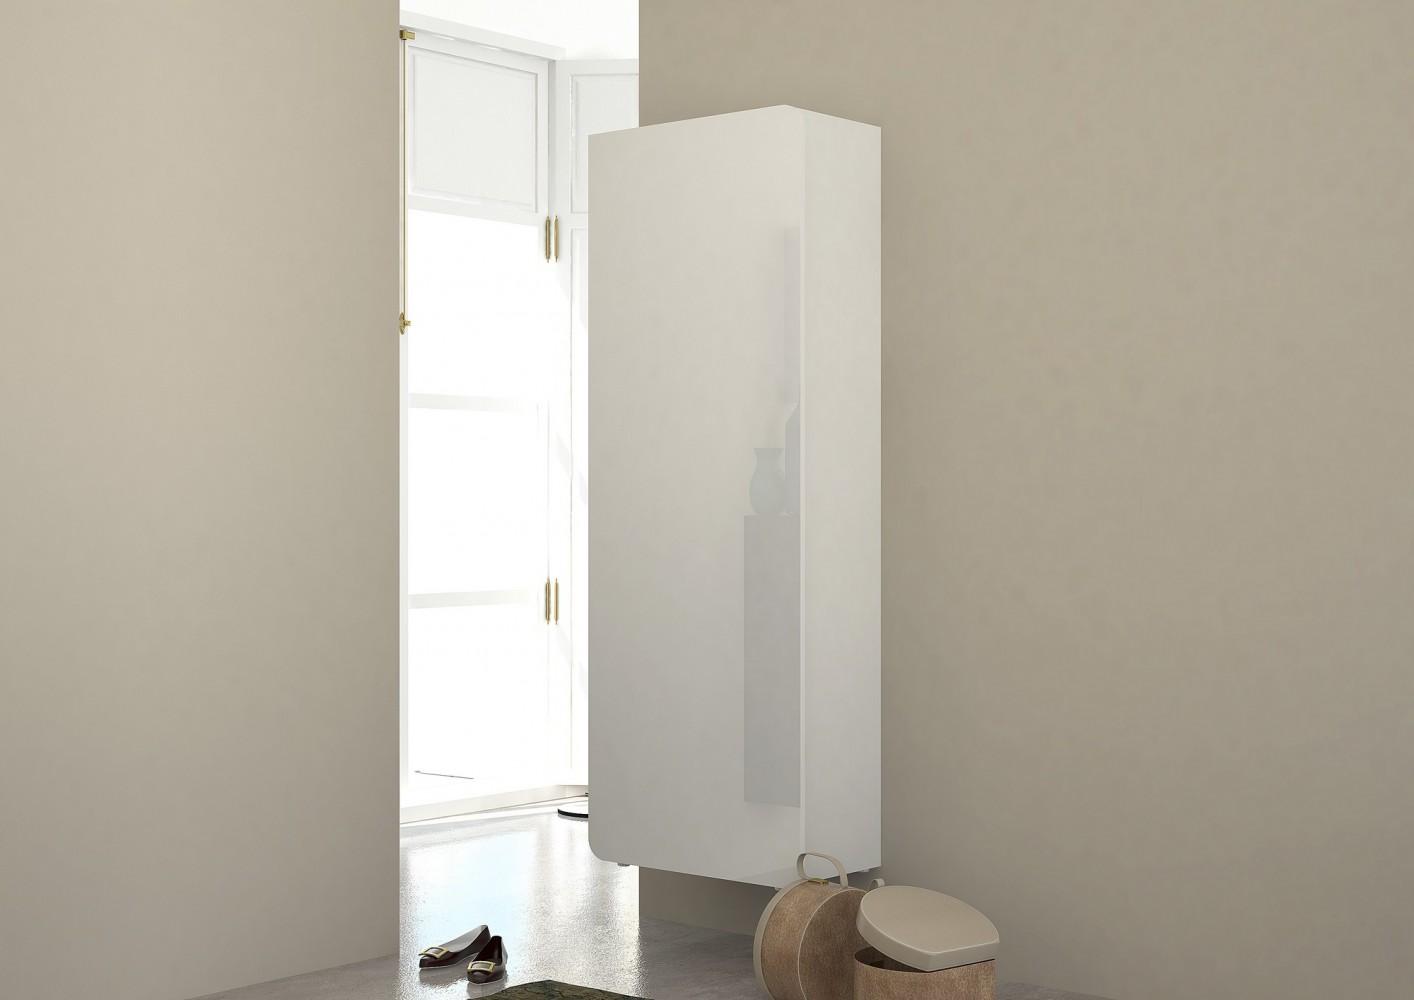 Faszinierend Dielenschrank Modern Foto Von Tecnos-goccia-garderobenschrank-schuhschrank-dielenschrank-kleiderschrank-